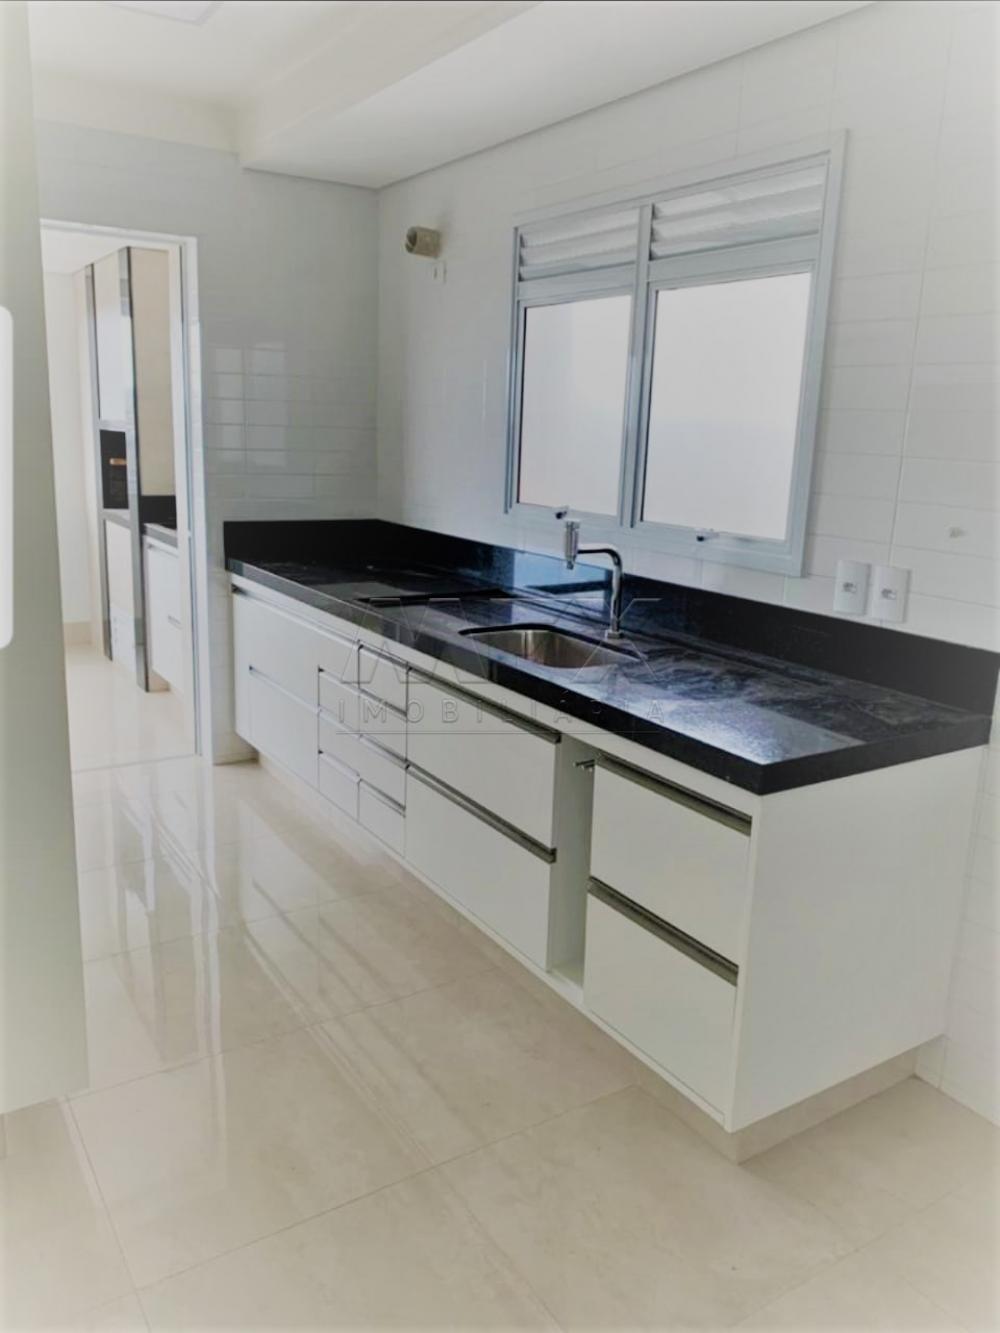 Alugar Apartamento / Padrão em Bauru apenas R$ 3.500,00 - Foto 3